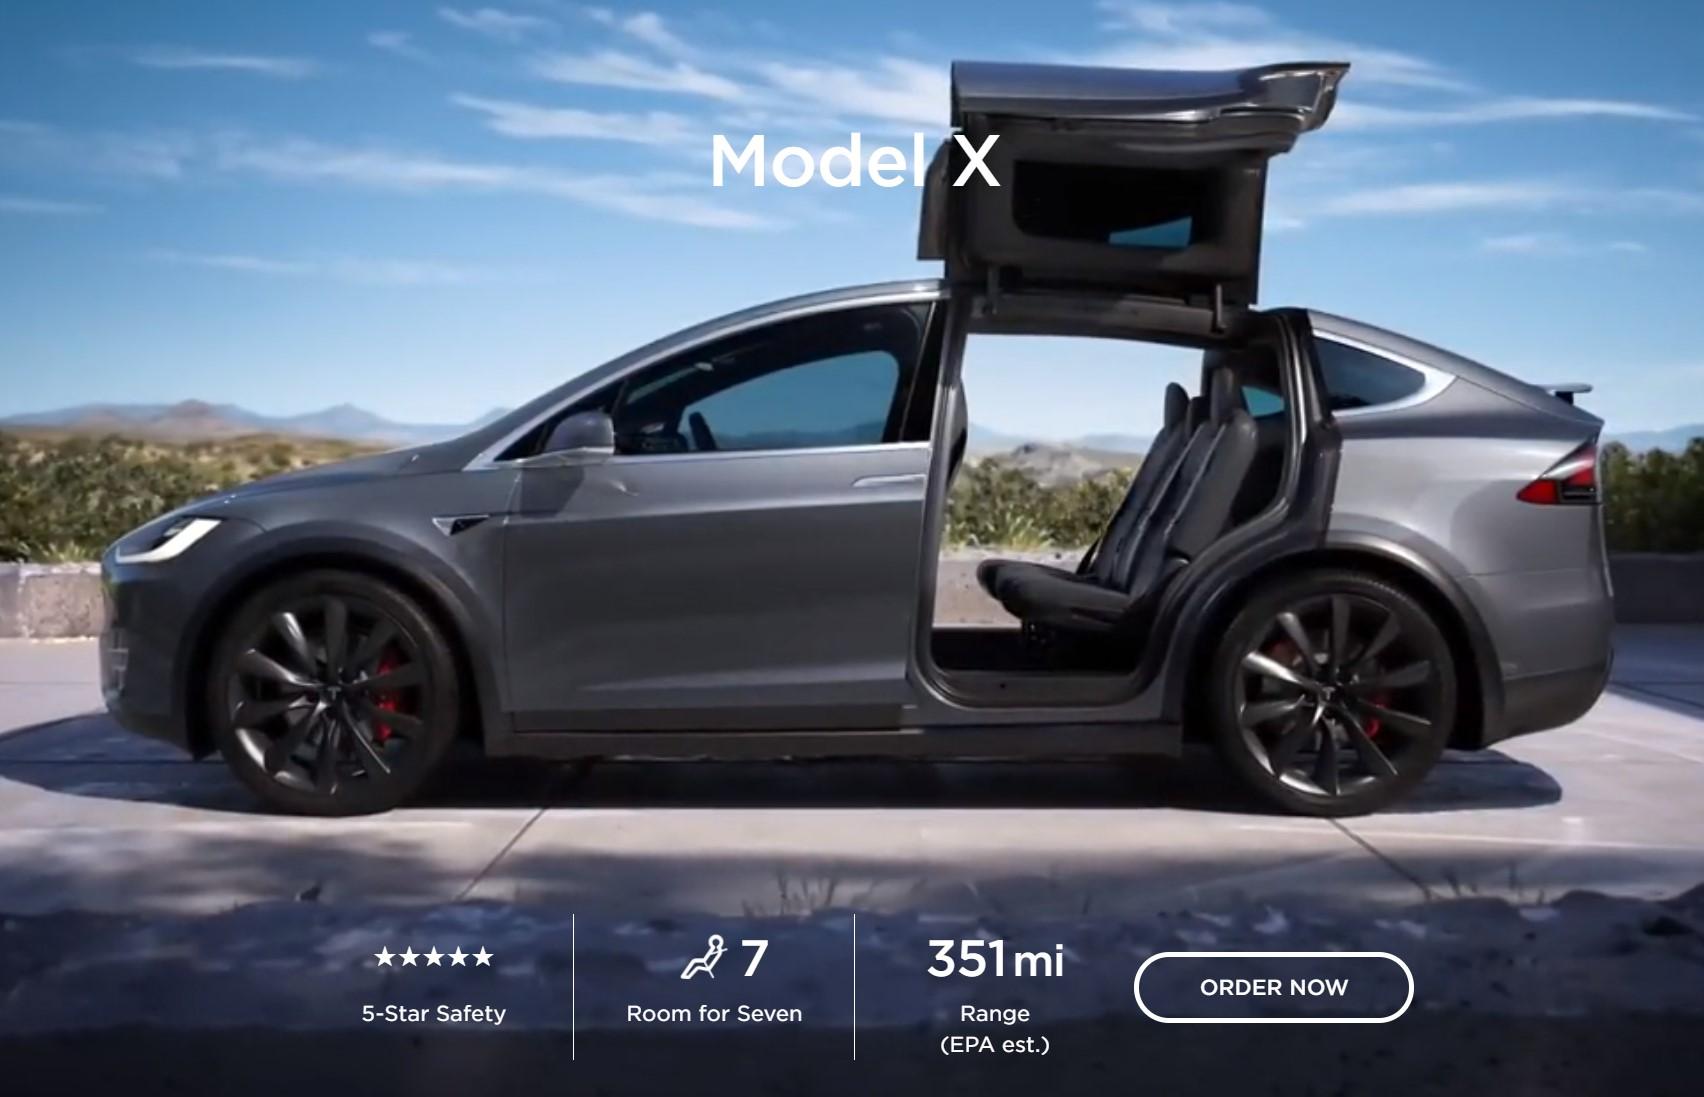 Tesla Model X Range 351